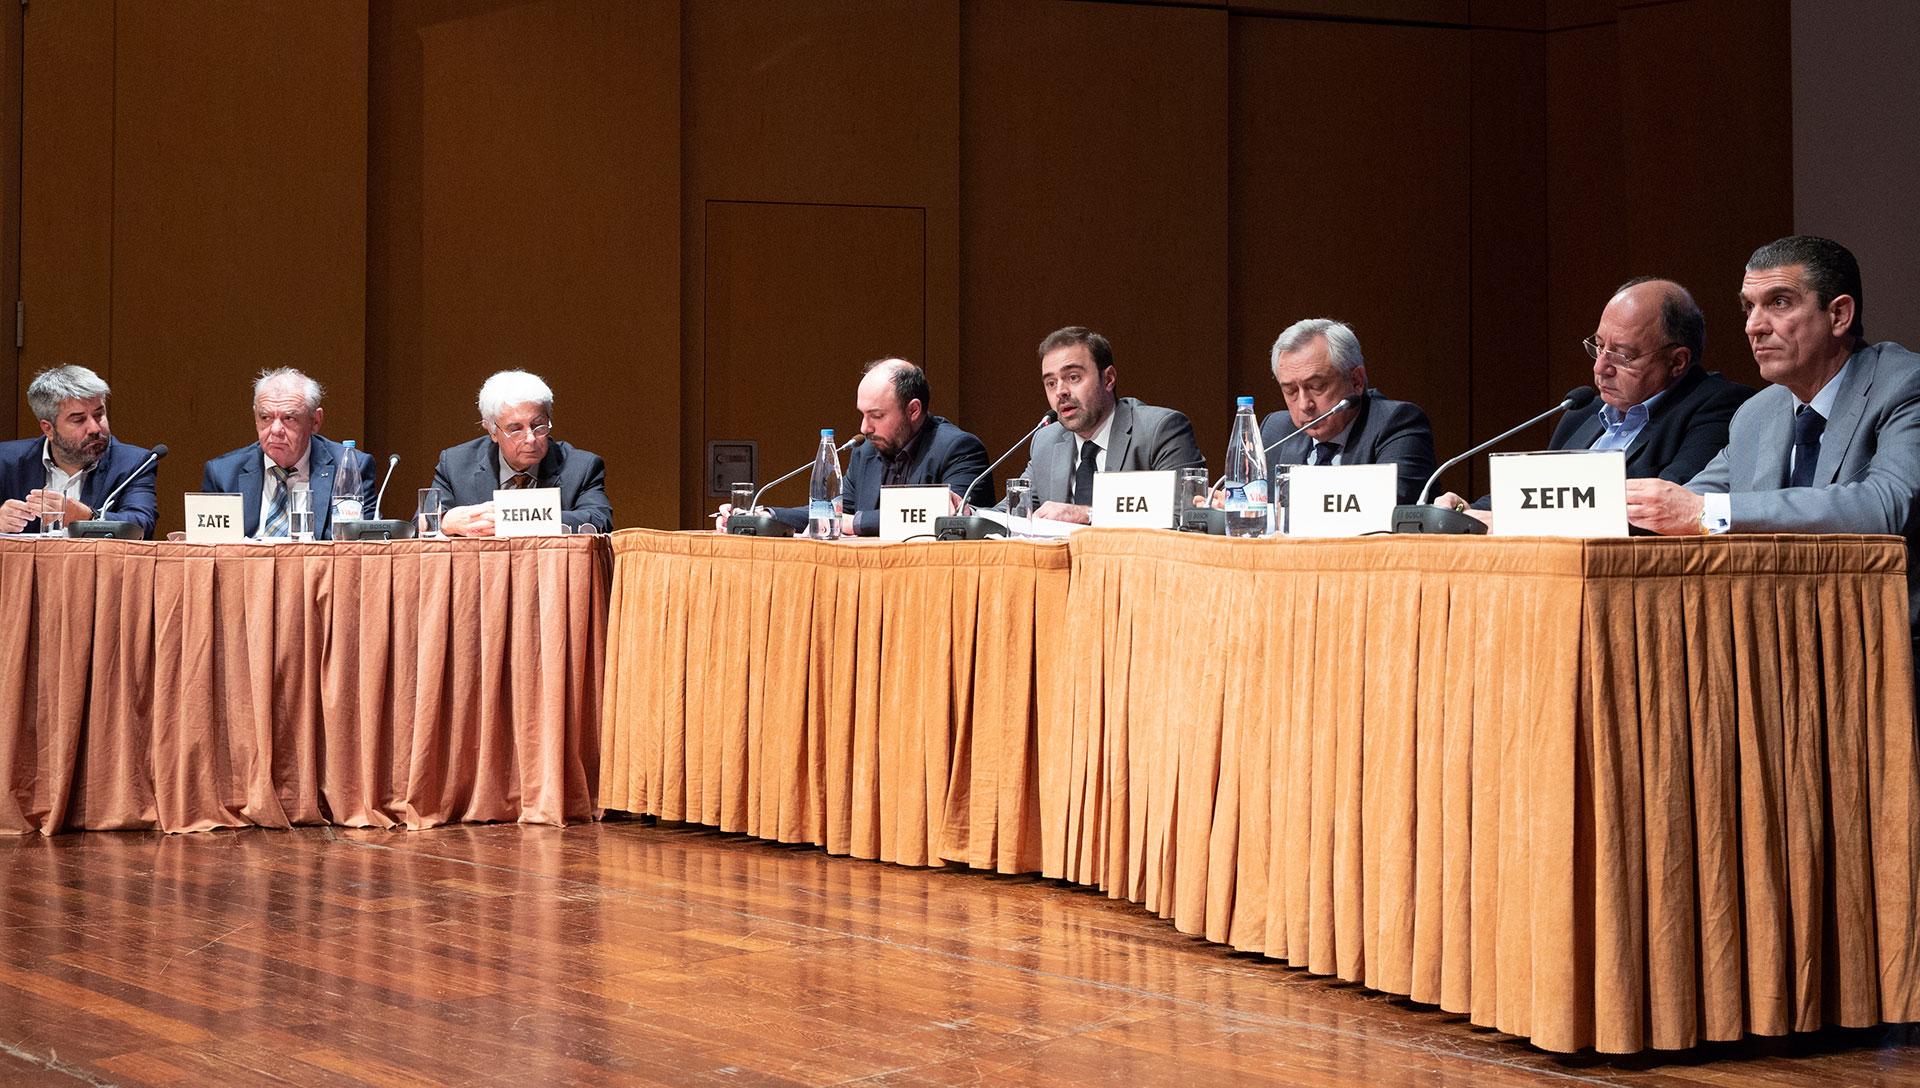 Παρέμβαση Τάσου Ηλία και Πάρη Χαρλαύτη σχετικά με την ανάπτυξη και το μέλλον των κατασκευών στην Ελλάδα